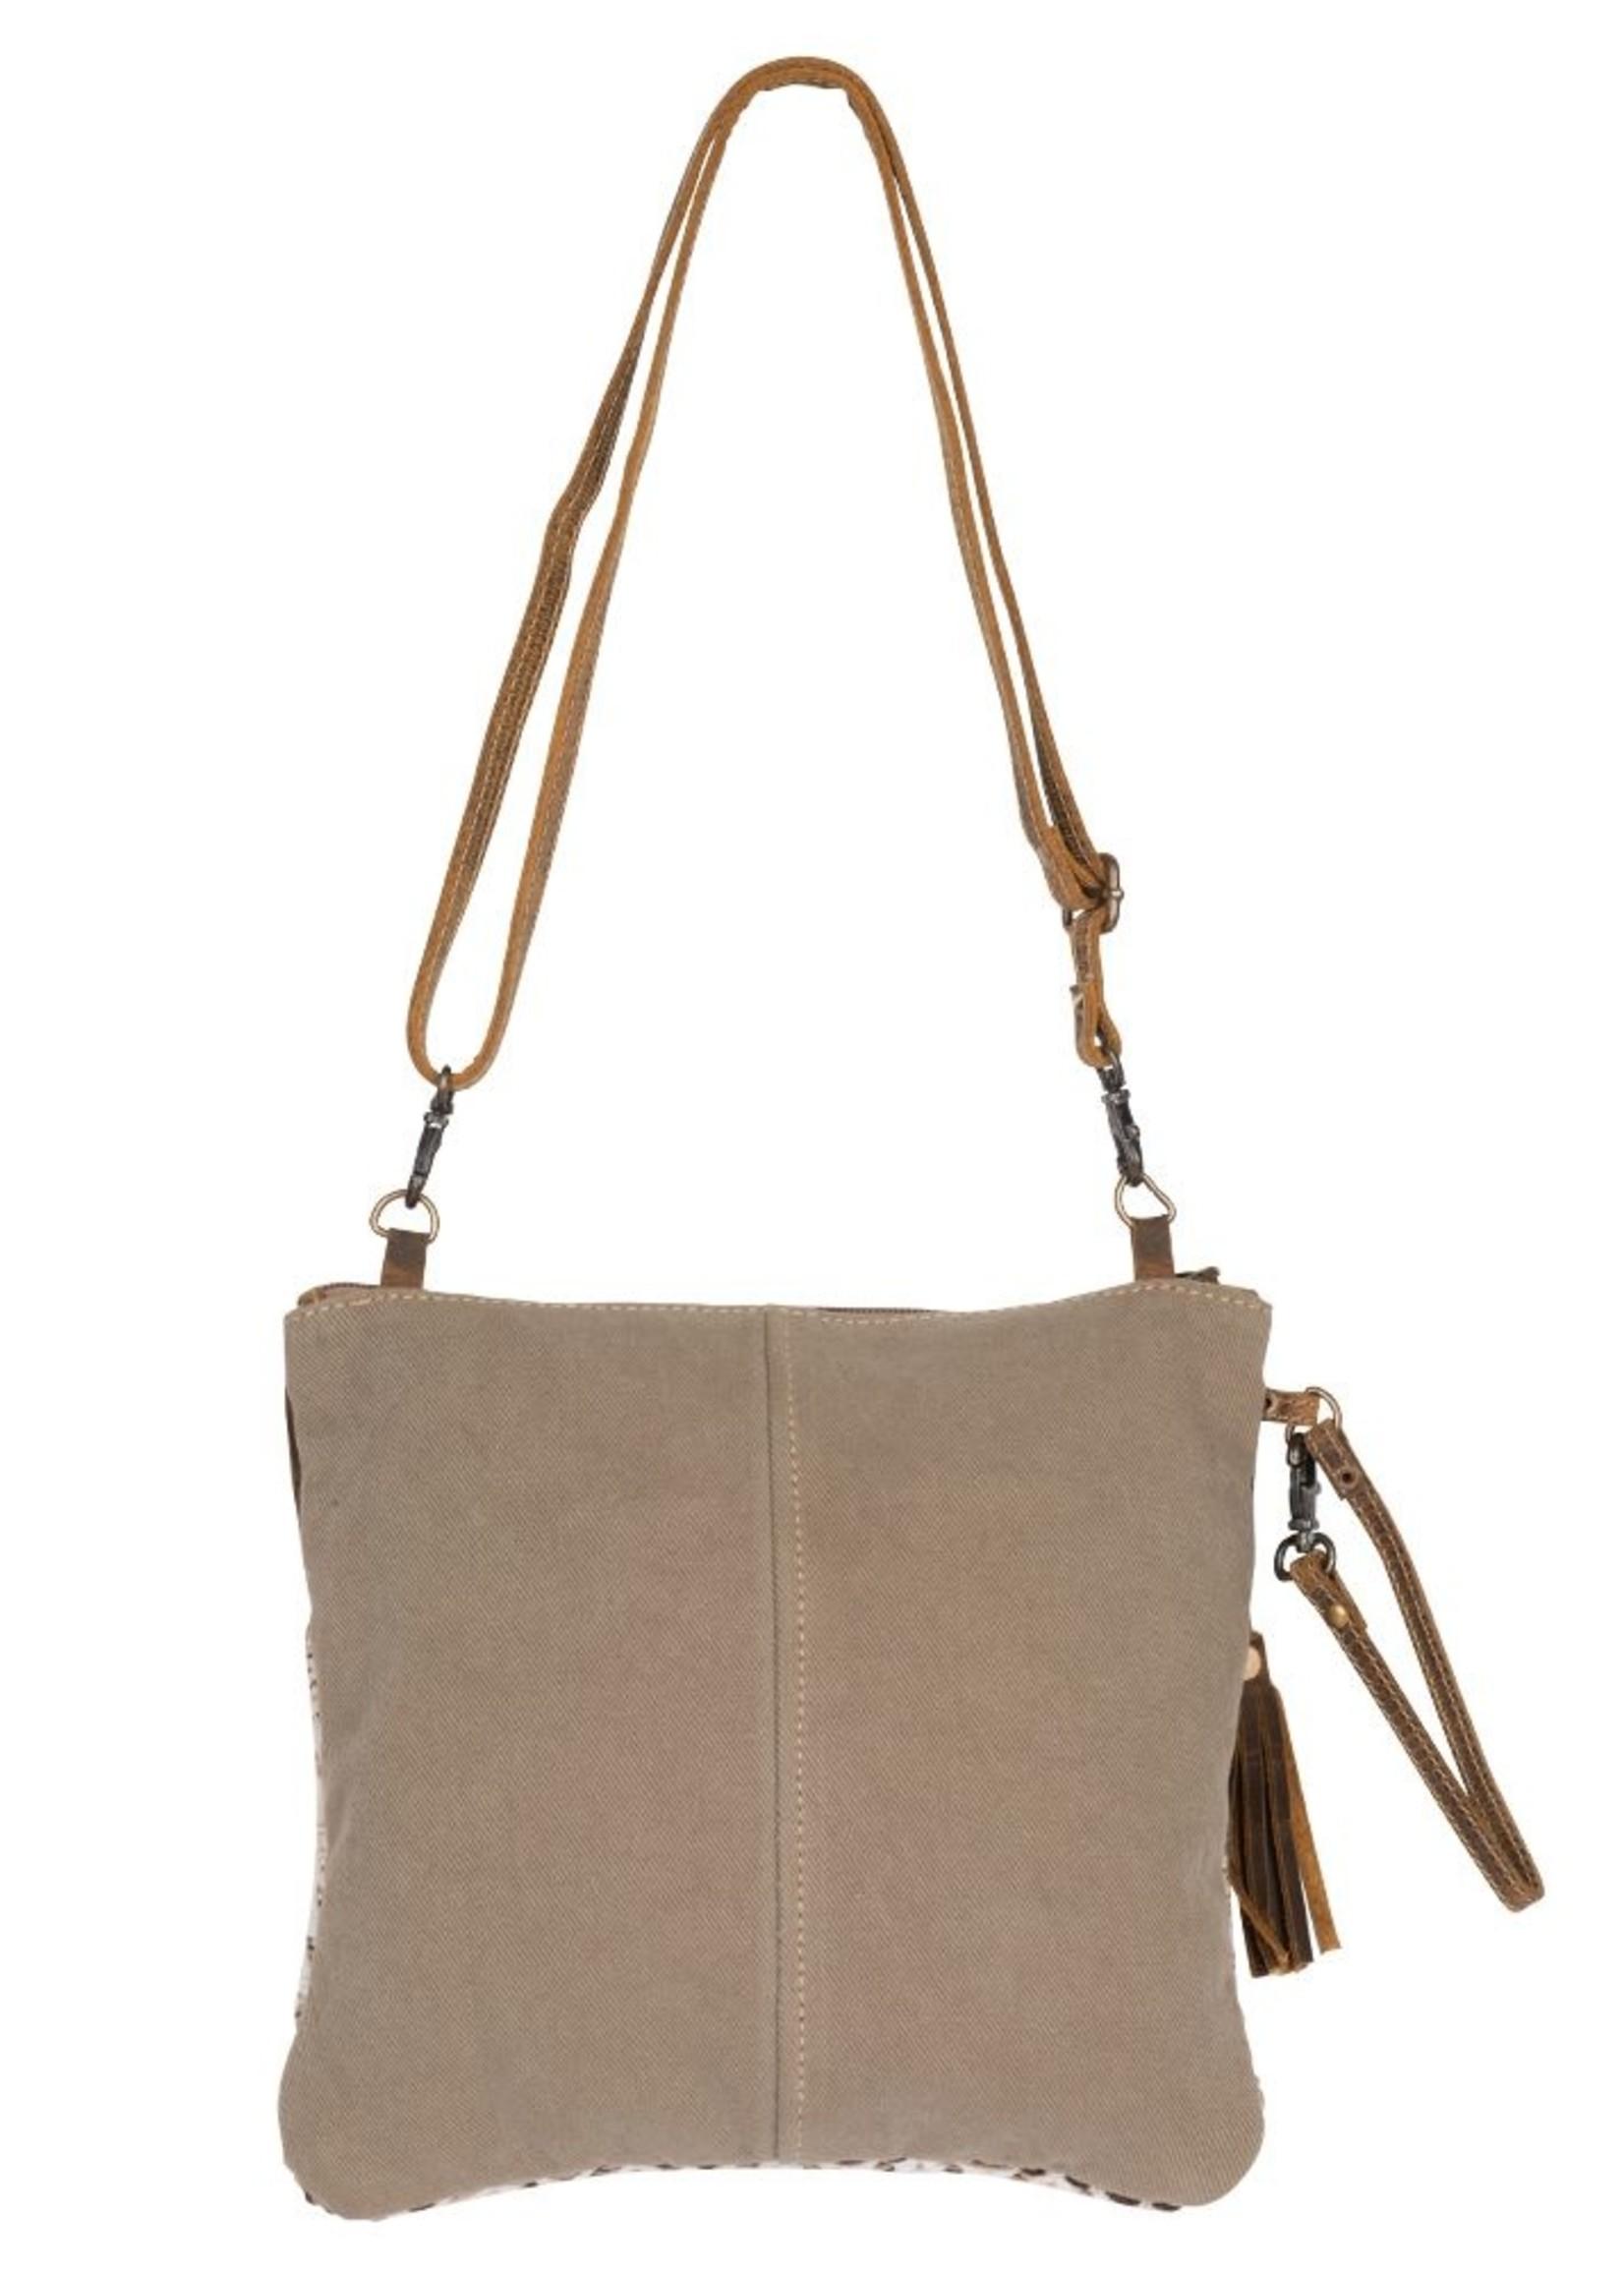 Contentment SM Crossbody Bag